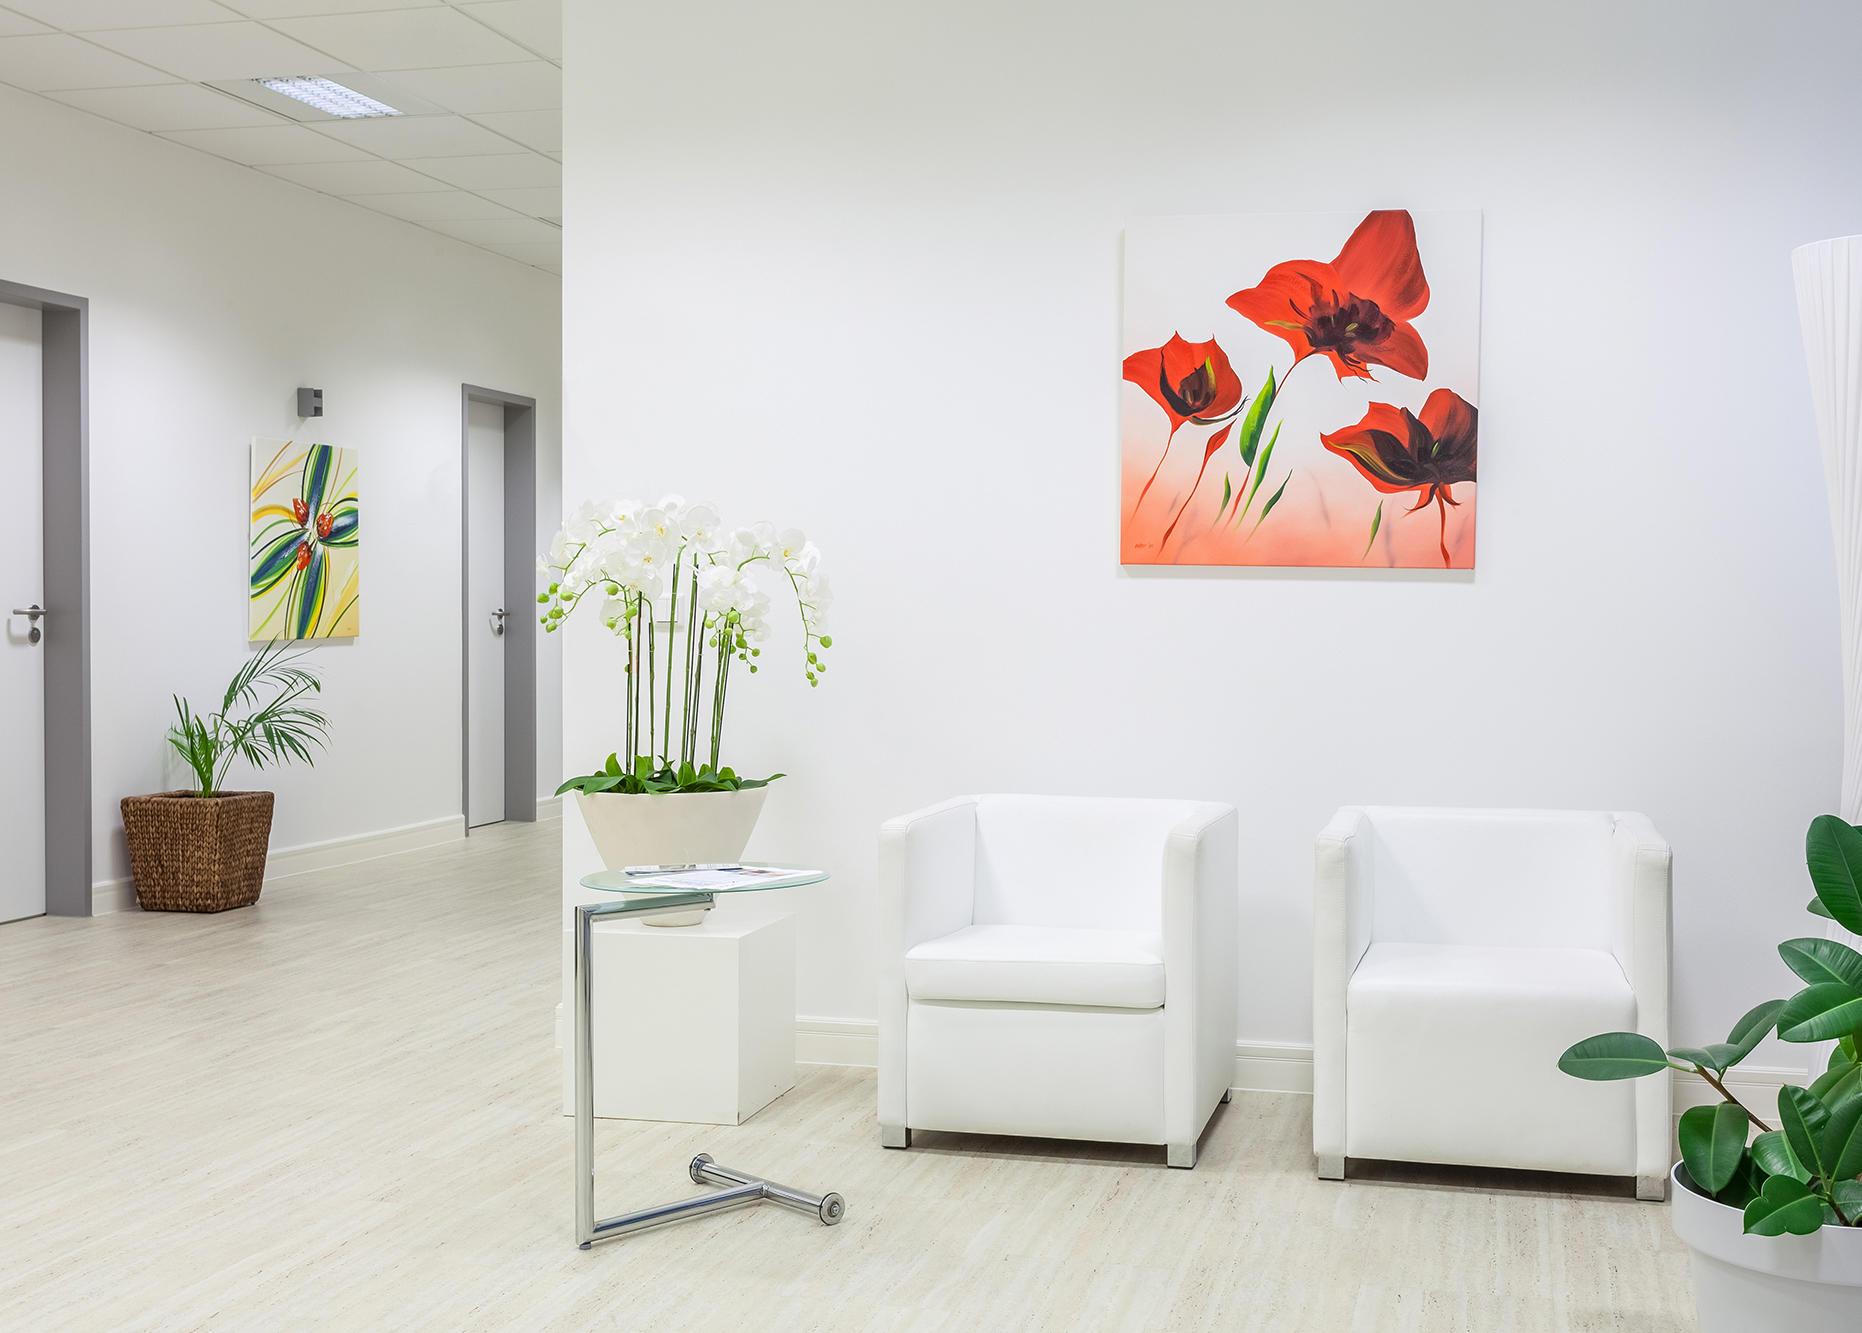 Foto de Facharztpraxis für Radiologie in Düsseldorf Eller - Jobst von Werder